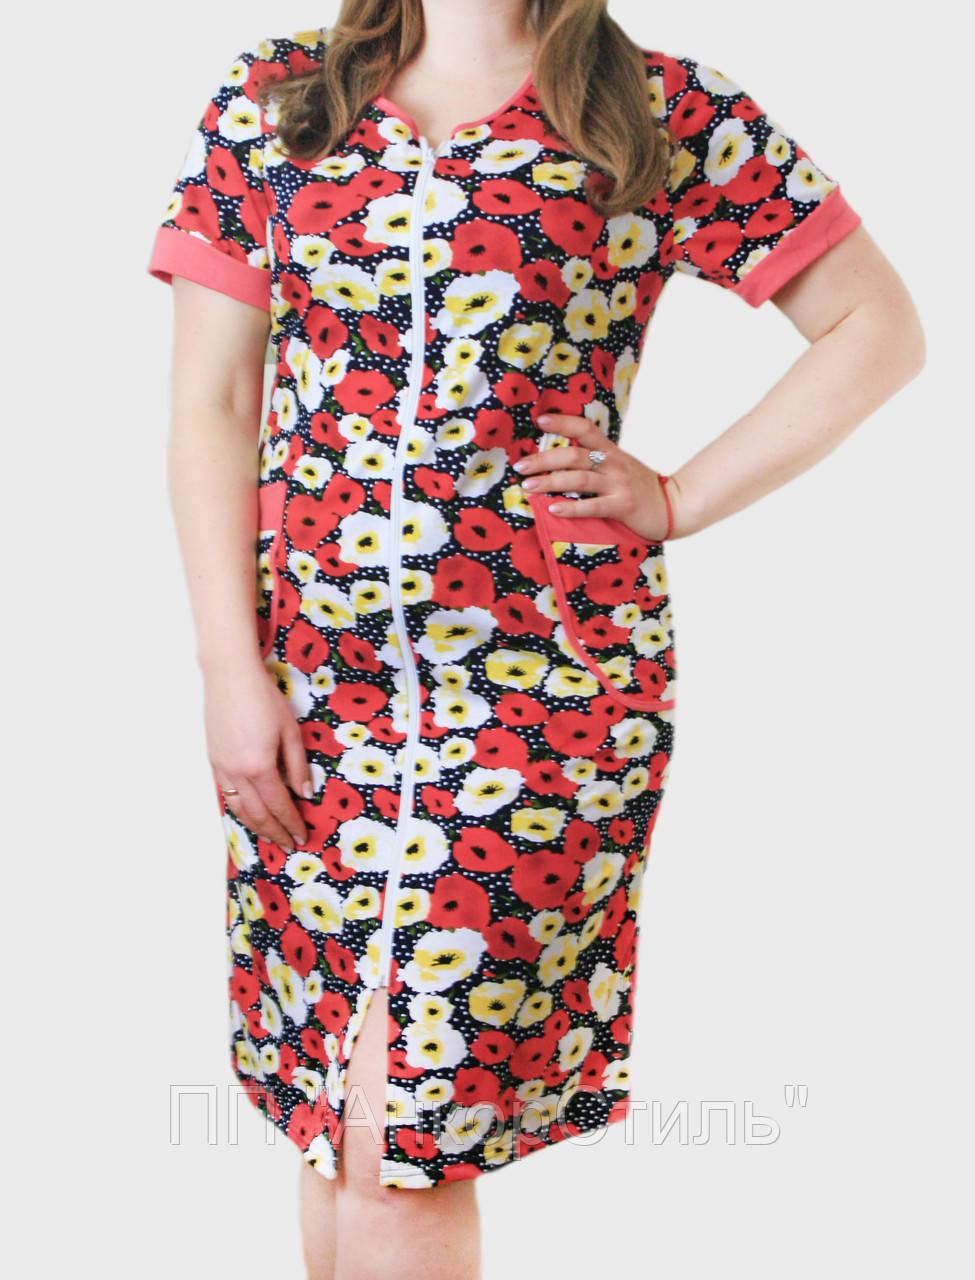 f4590ad3f901 Топ продаж Халат женский летний на молнии с цветочным принтом ХЛ004, фото 1